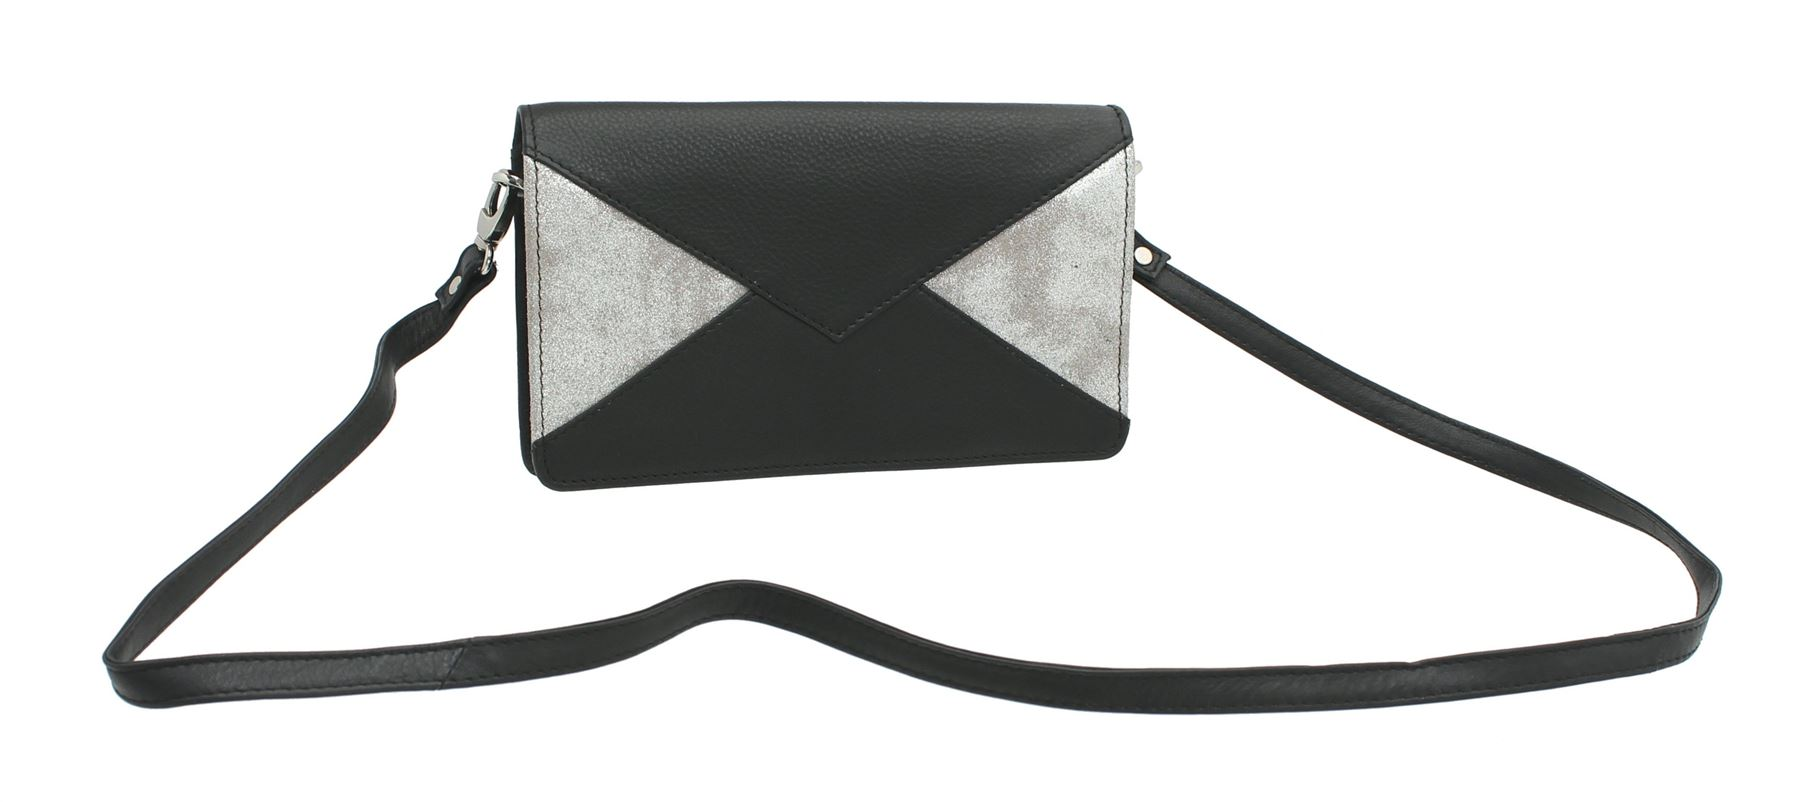 negro 21 bandolera Bolso cuero de Collection 7139 Mala clutch gris Lexi zAxAR85